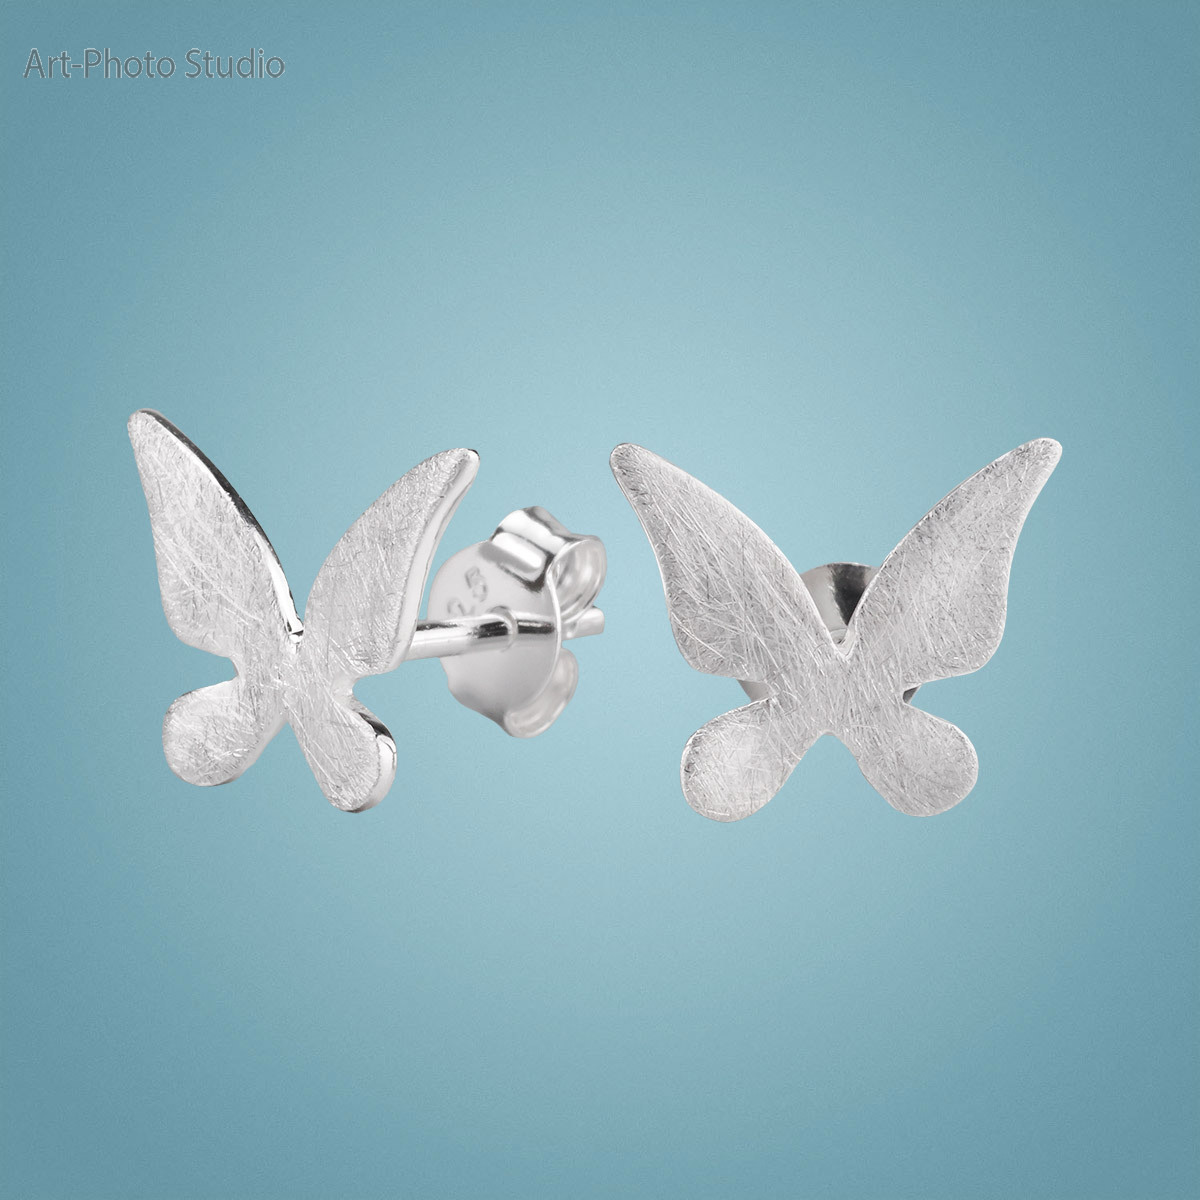 фотография ювелирных изделий - серьги из серебра